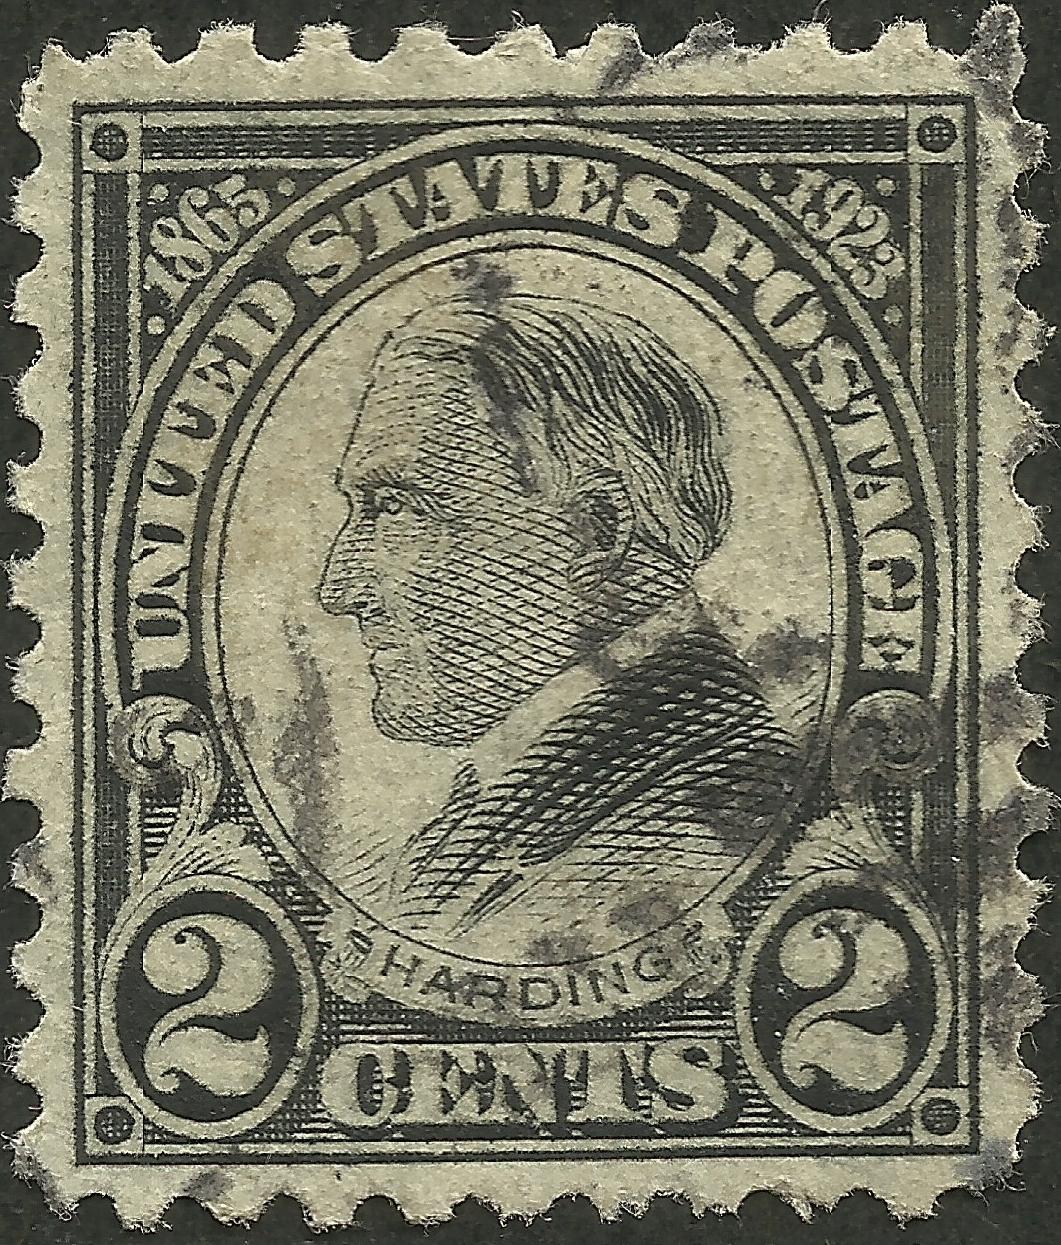 United States - Scott #610 (1923)